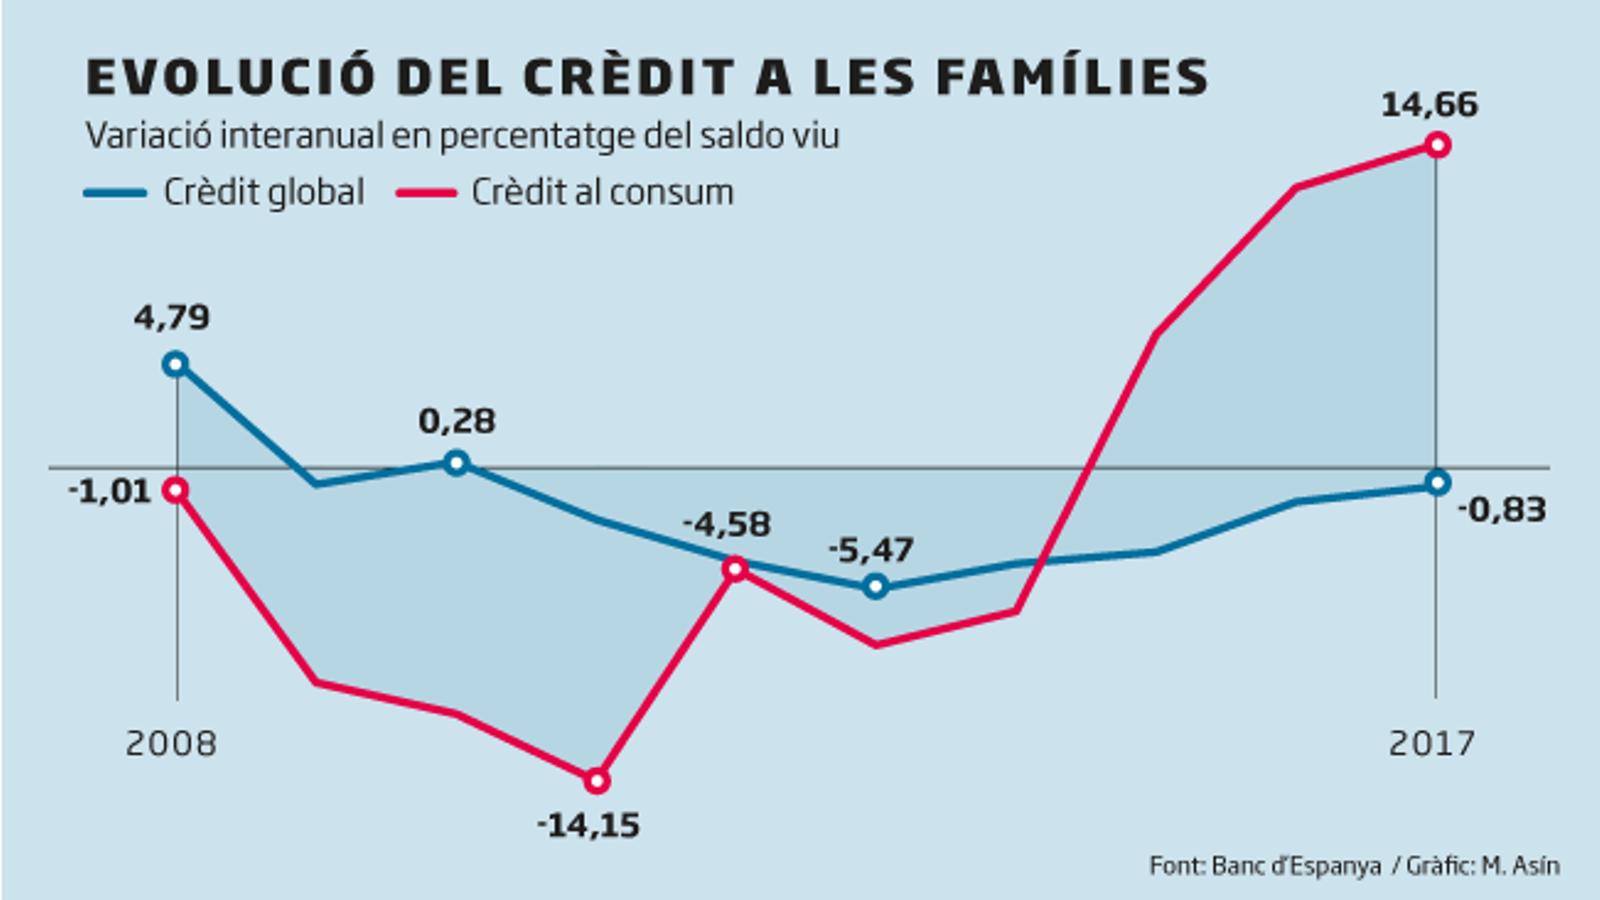 Les llars tornen a tirar de crèdit